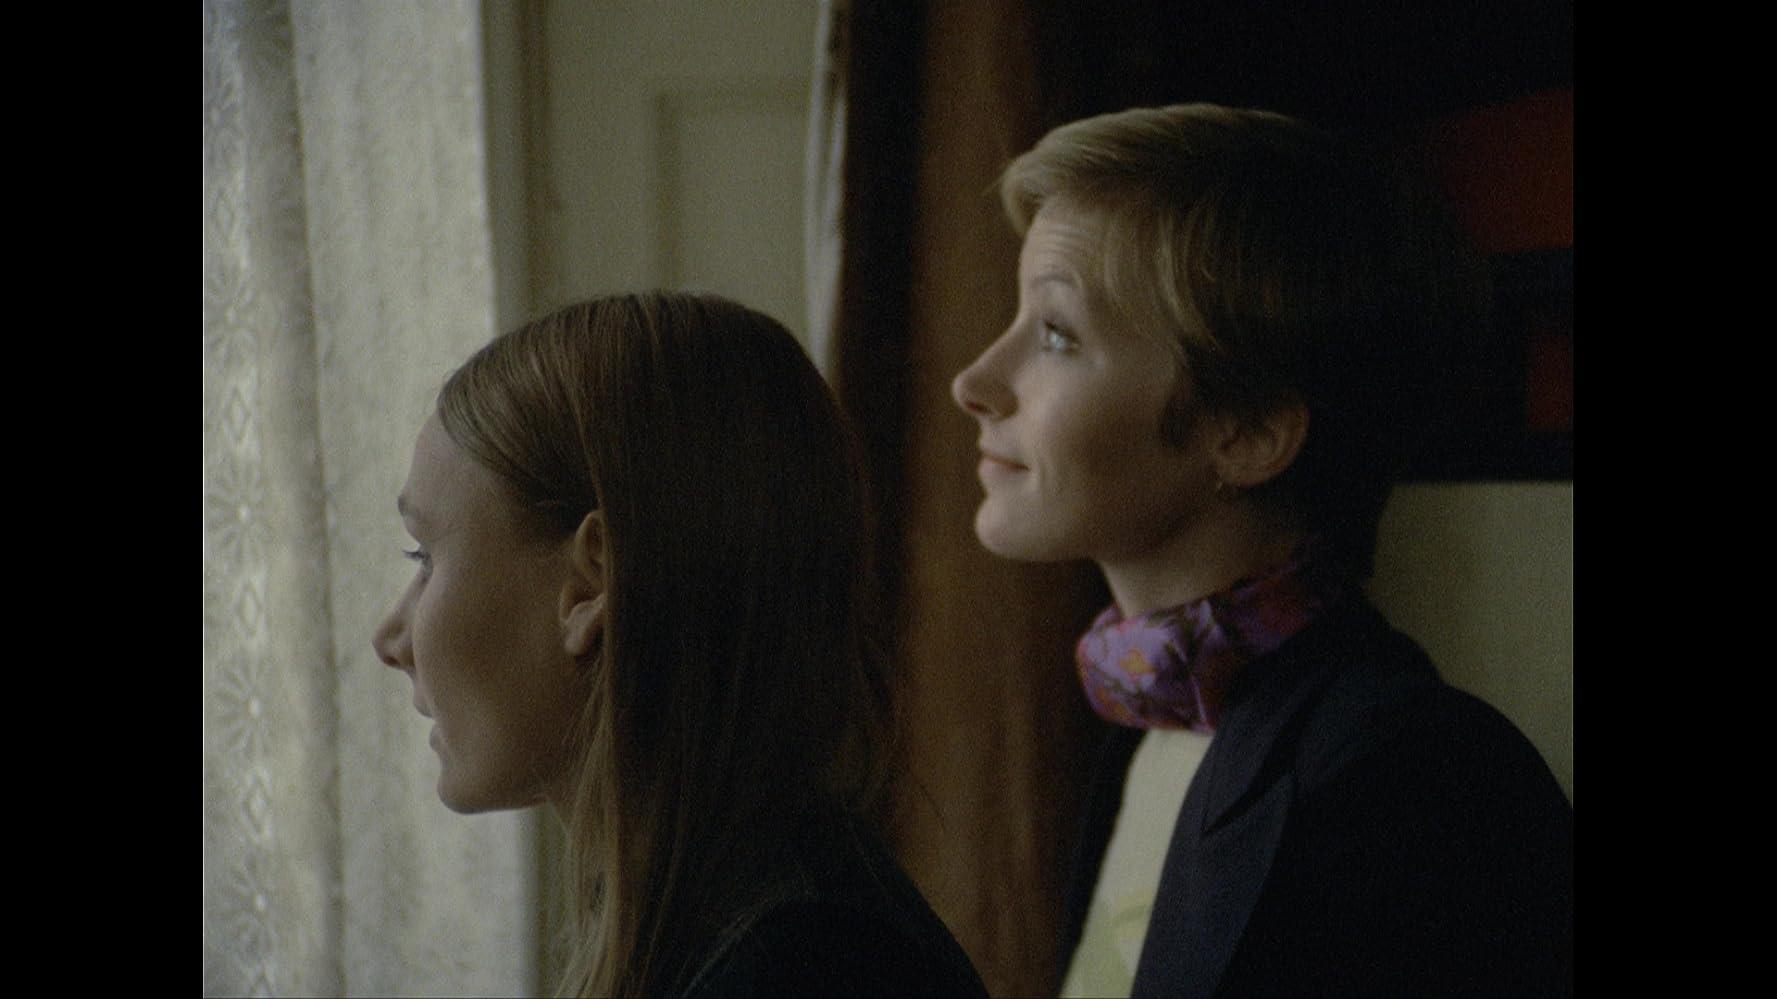 Hadis Fooladvand,Carrie Underwood XXX pic Eiko Koike (b. 1980),Paris Hilton